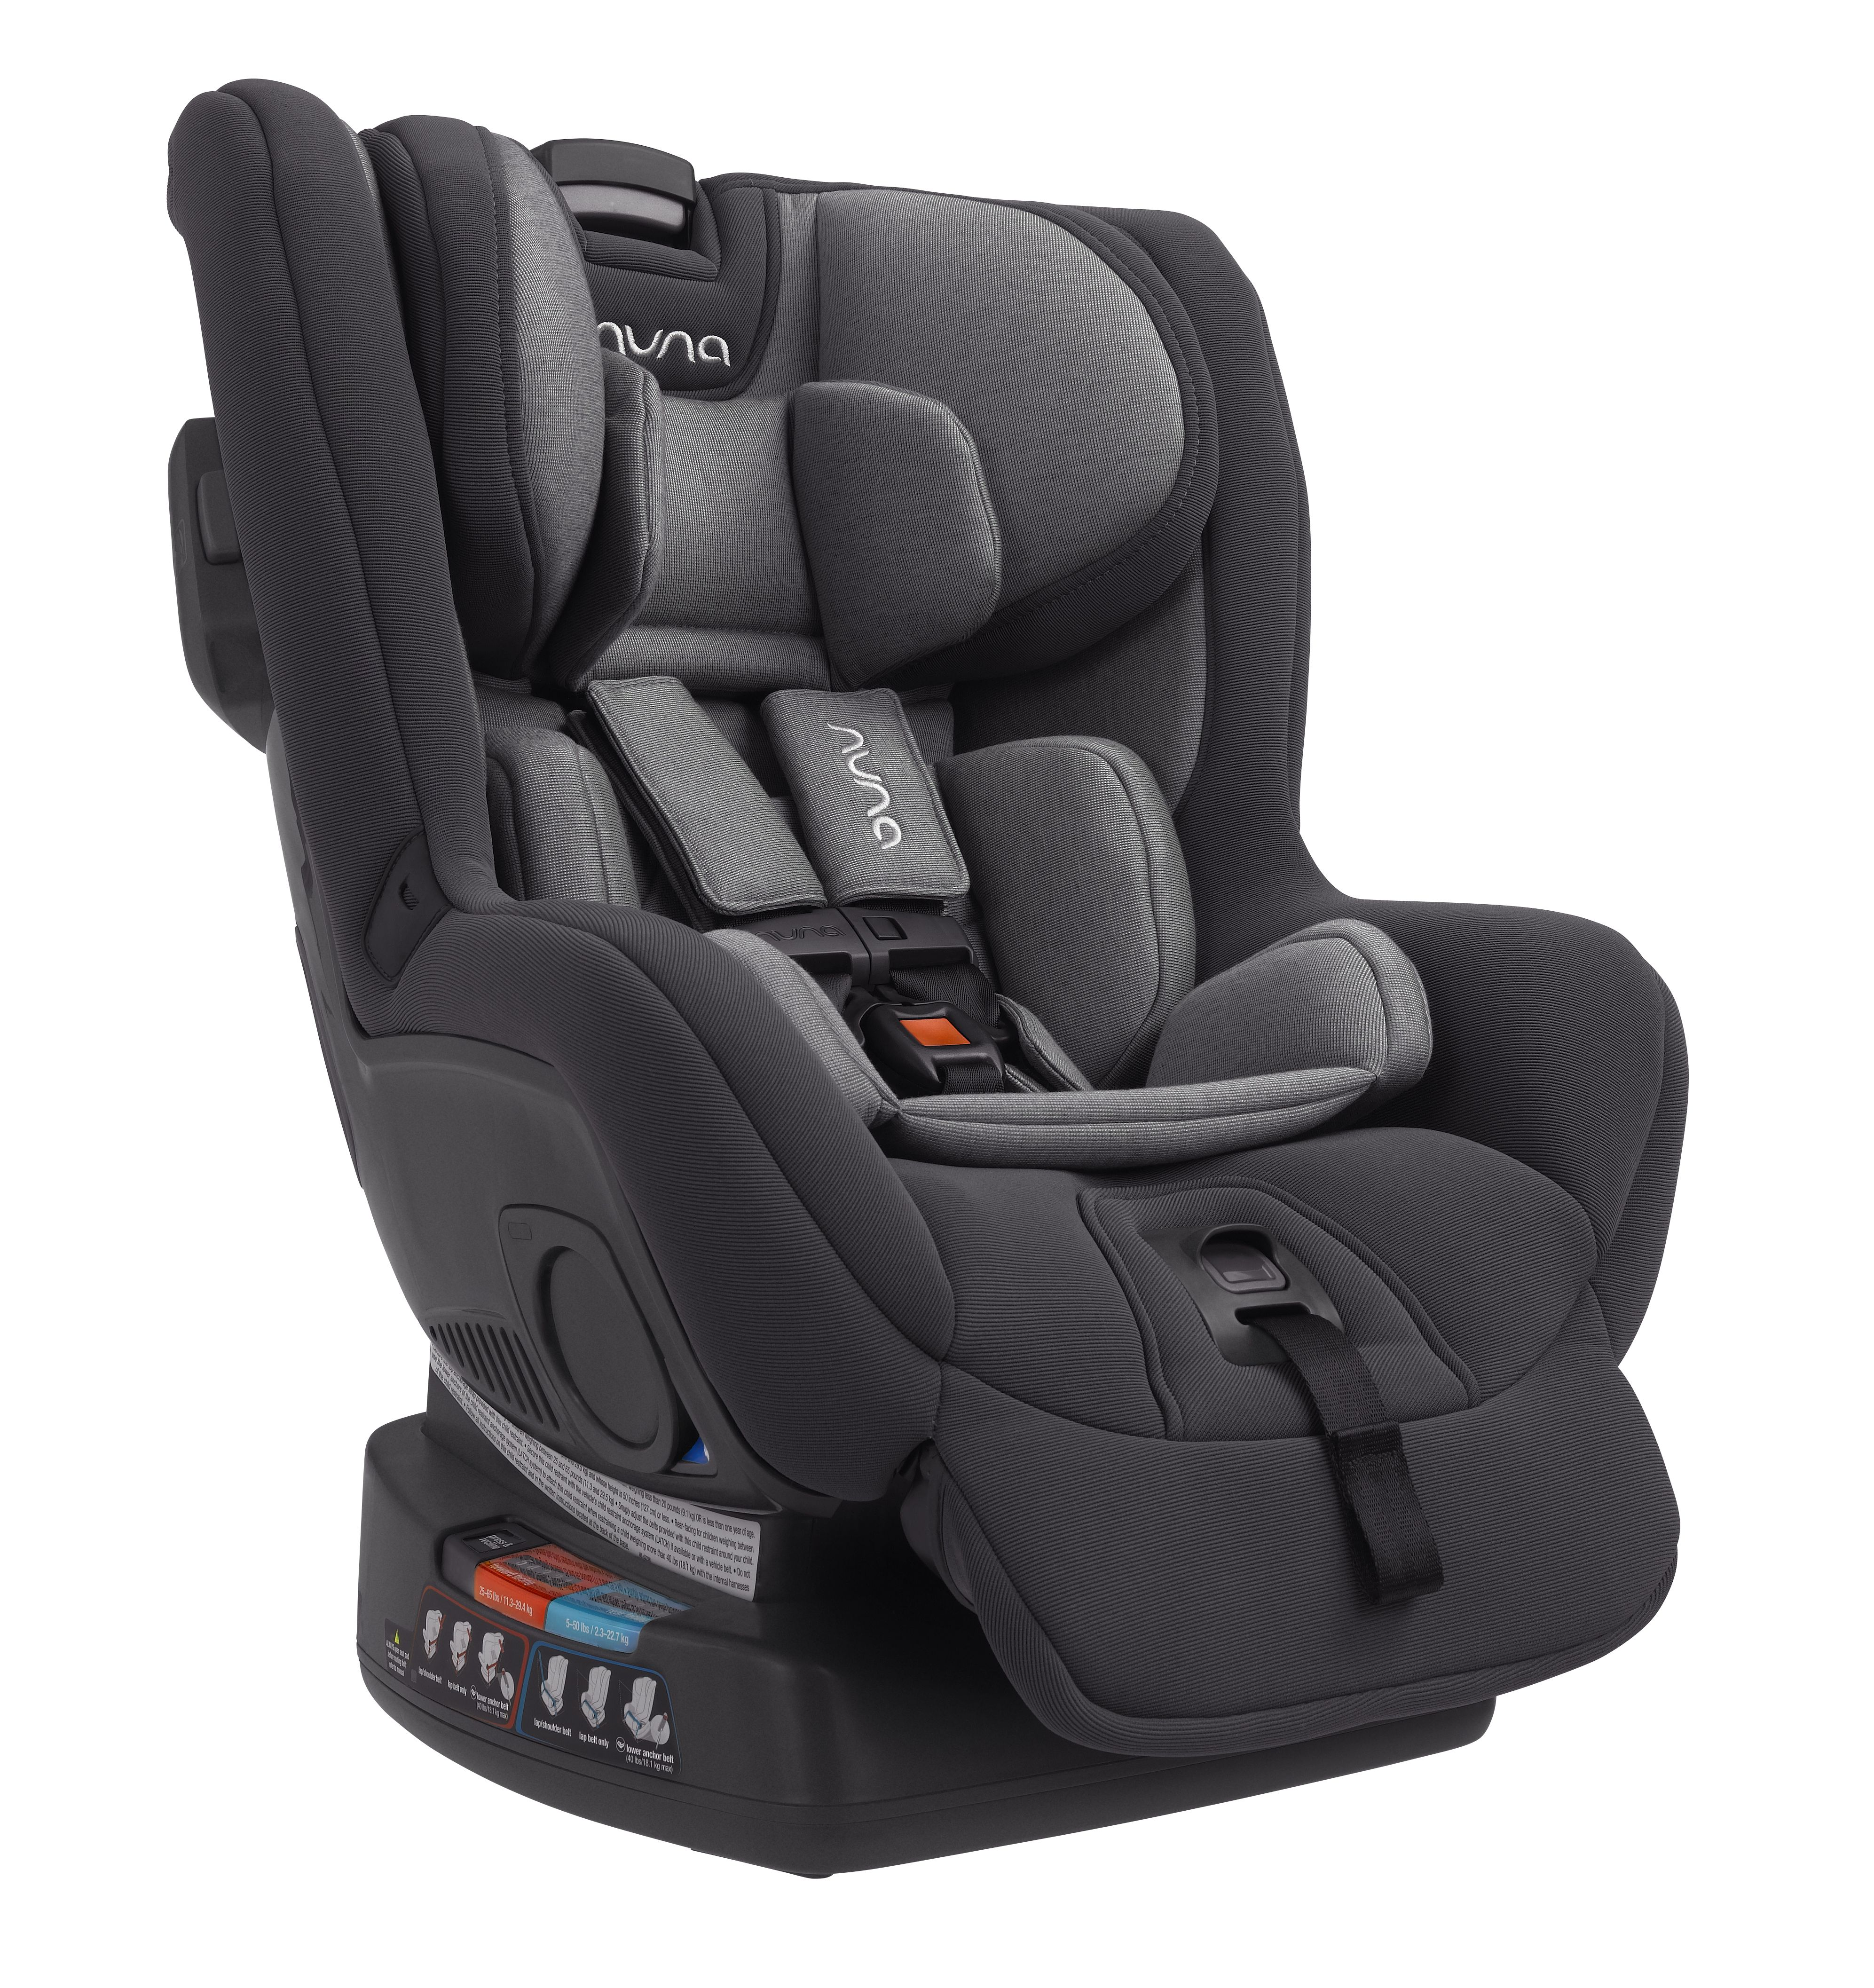 Nuna Car seats, Baby car seats, Best convertible car seat